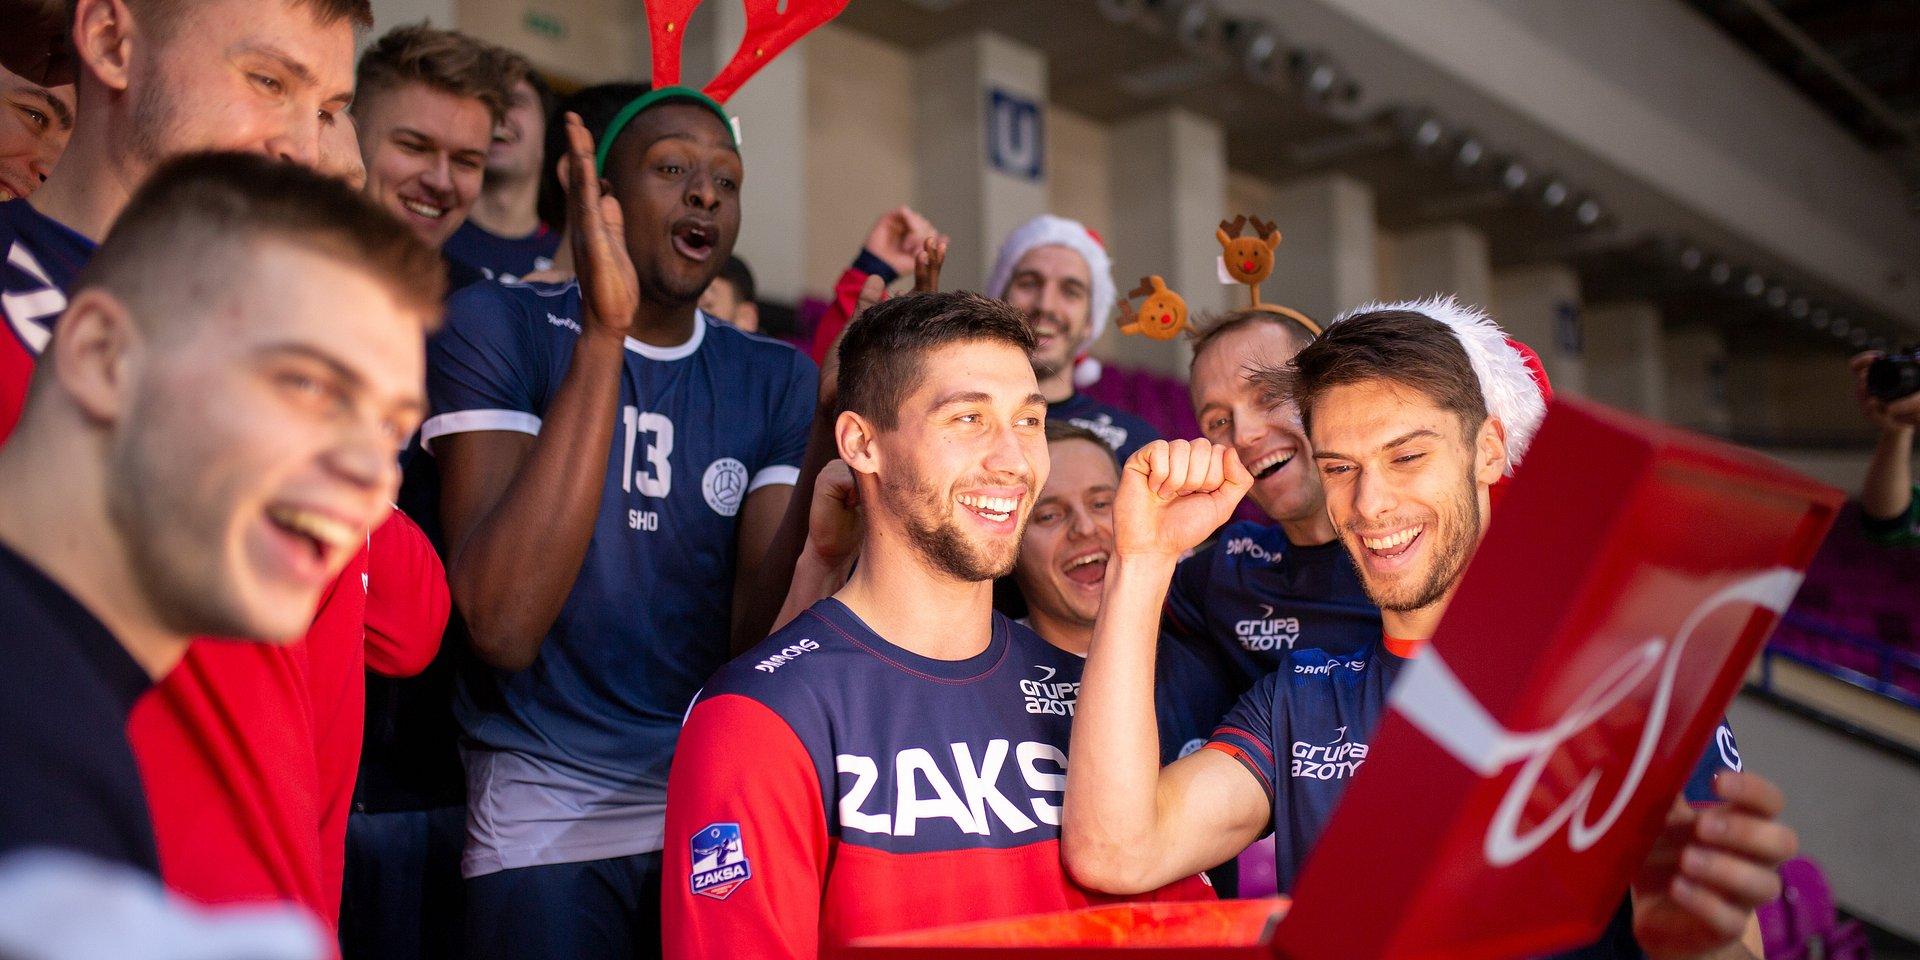 Dla kogo grają najlepsi polscy sportowcy? Dla Paczki! Szlachetnej Paczki